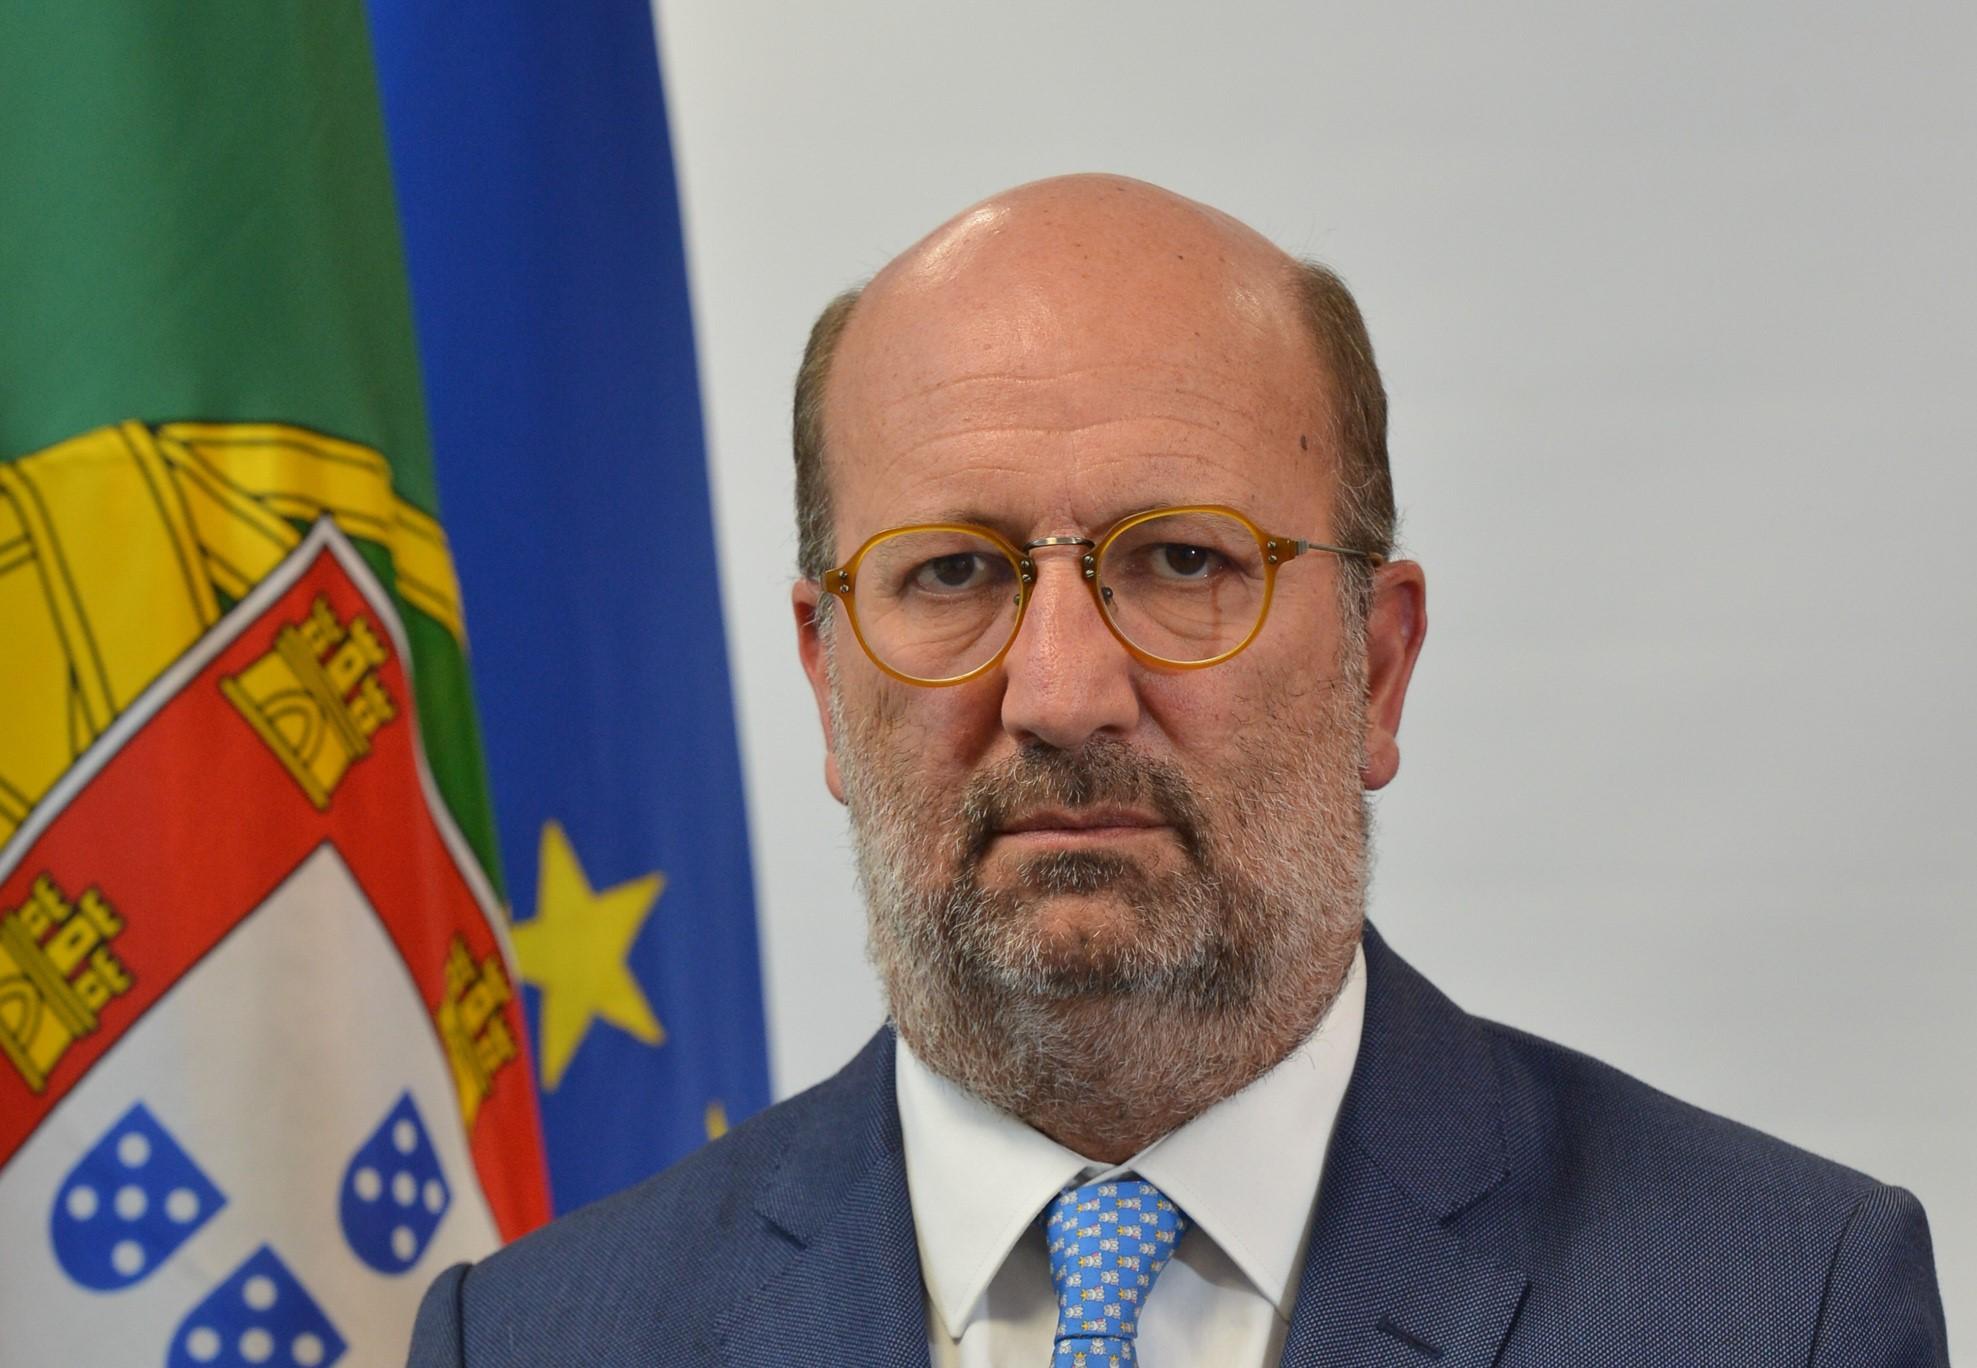 João Pedro Matos Fernandes, ministro do Ambiente e da Ação Climática / portugal.gov.pt